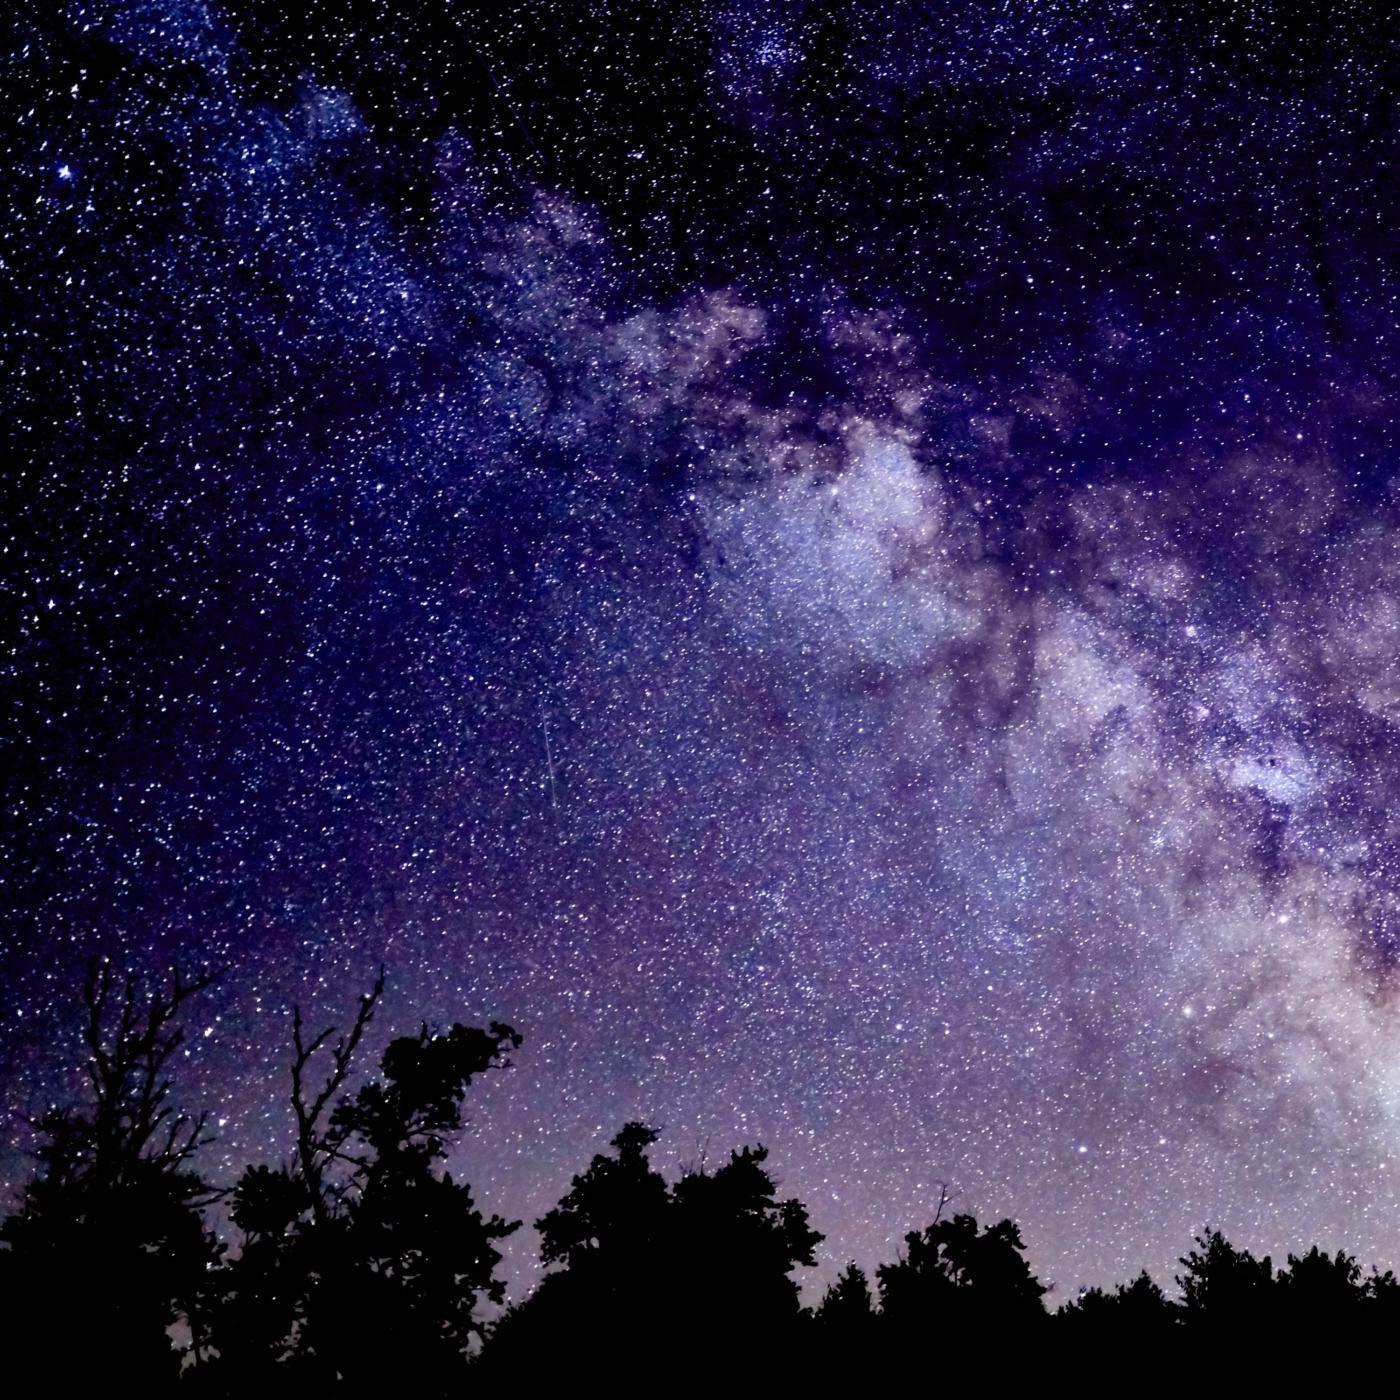 星空 iPad壁紙 星空を見ながら聴きたい曲 その他,スマホ用画像115553